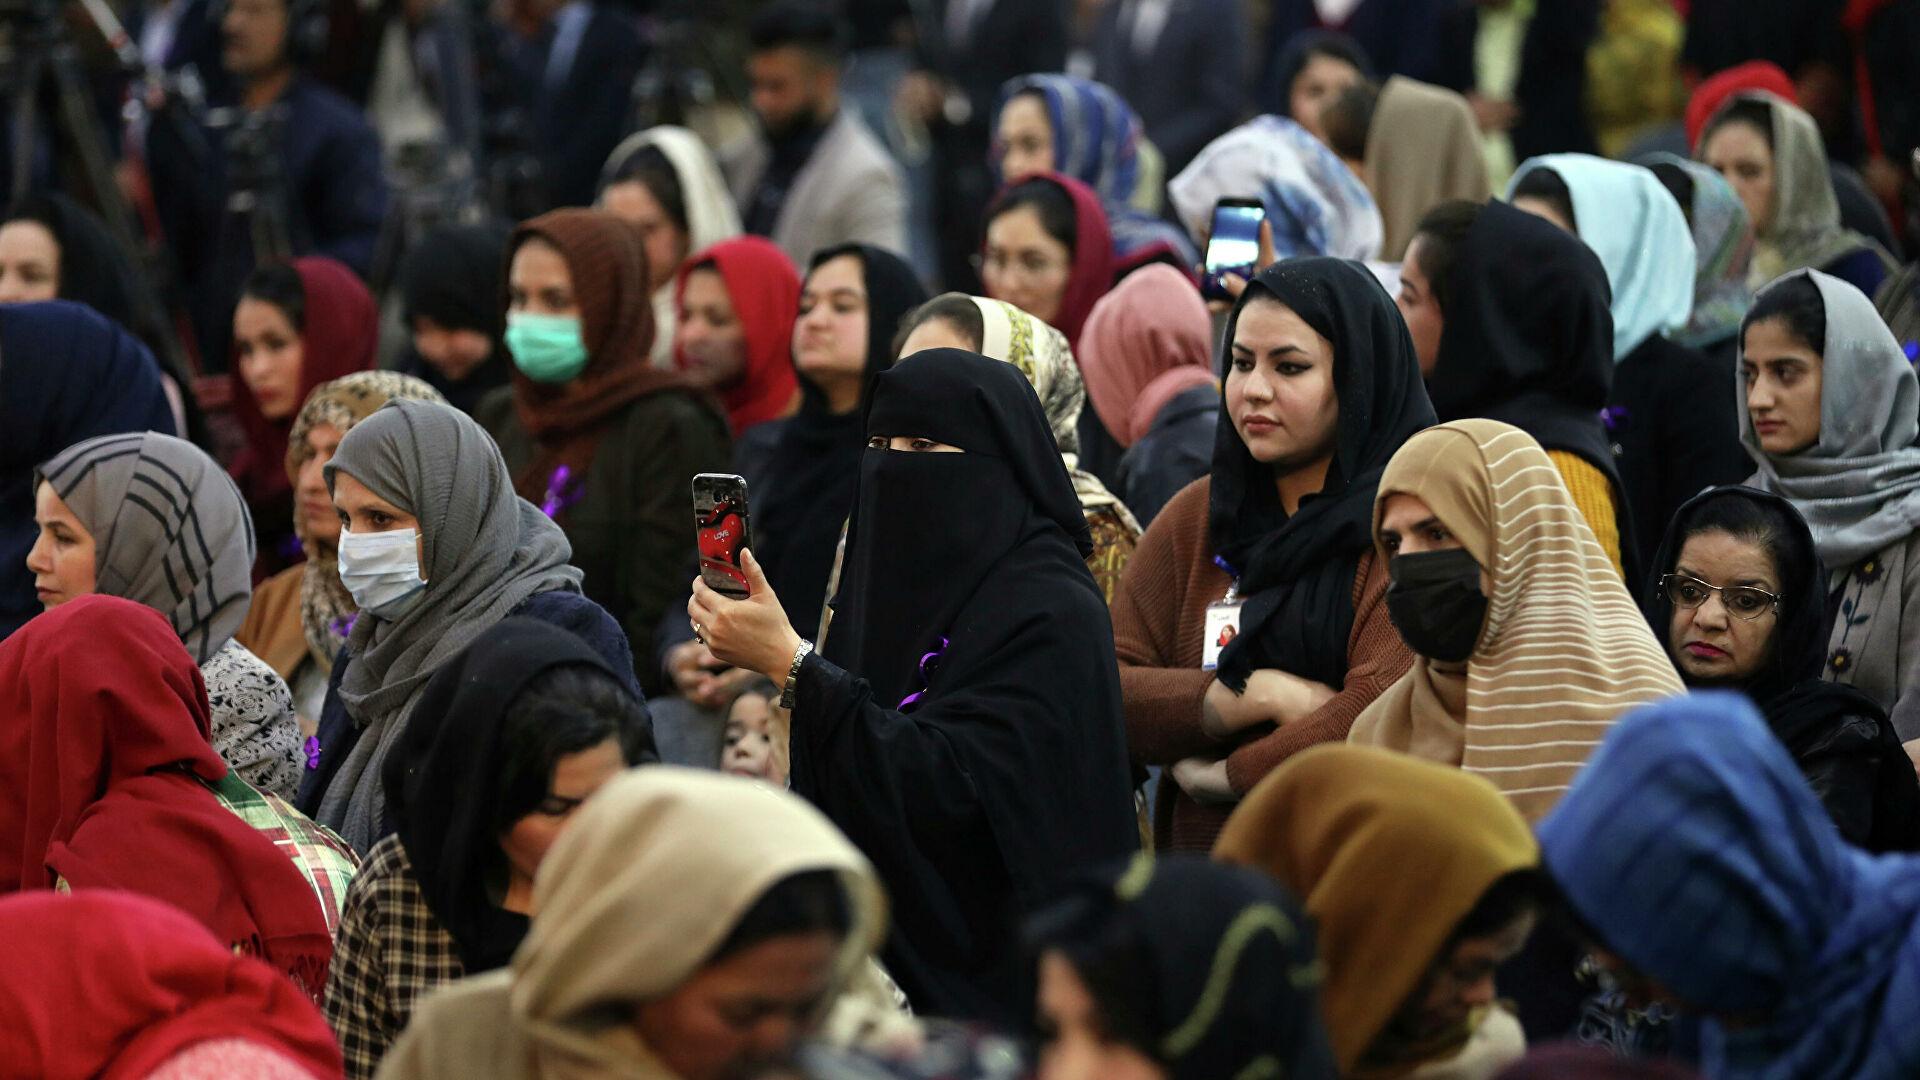 Талибы предложили женщинам присоединиться к будущему правительству